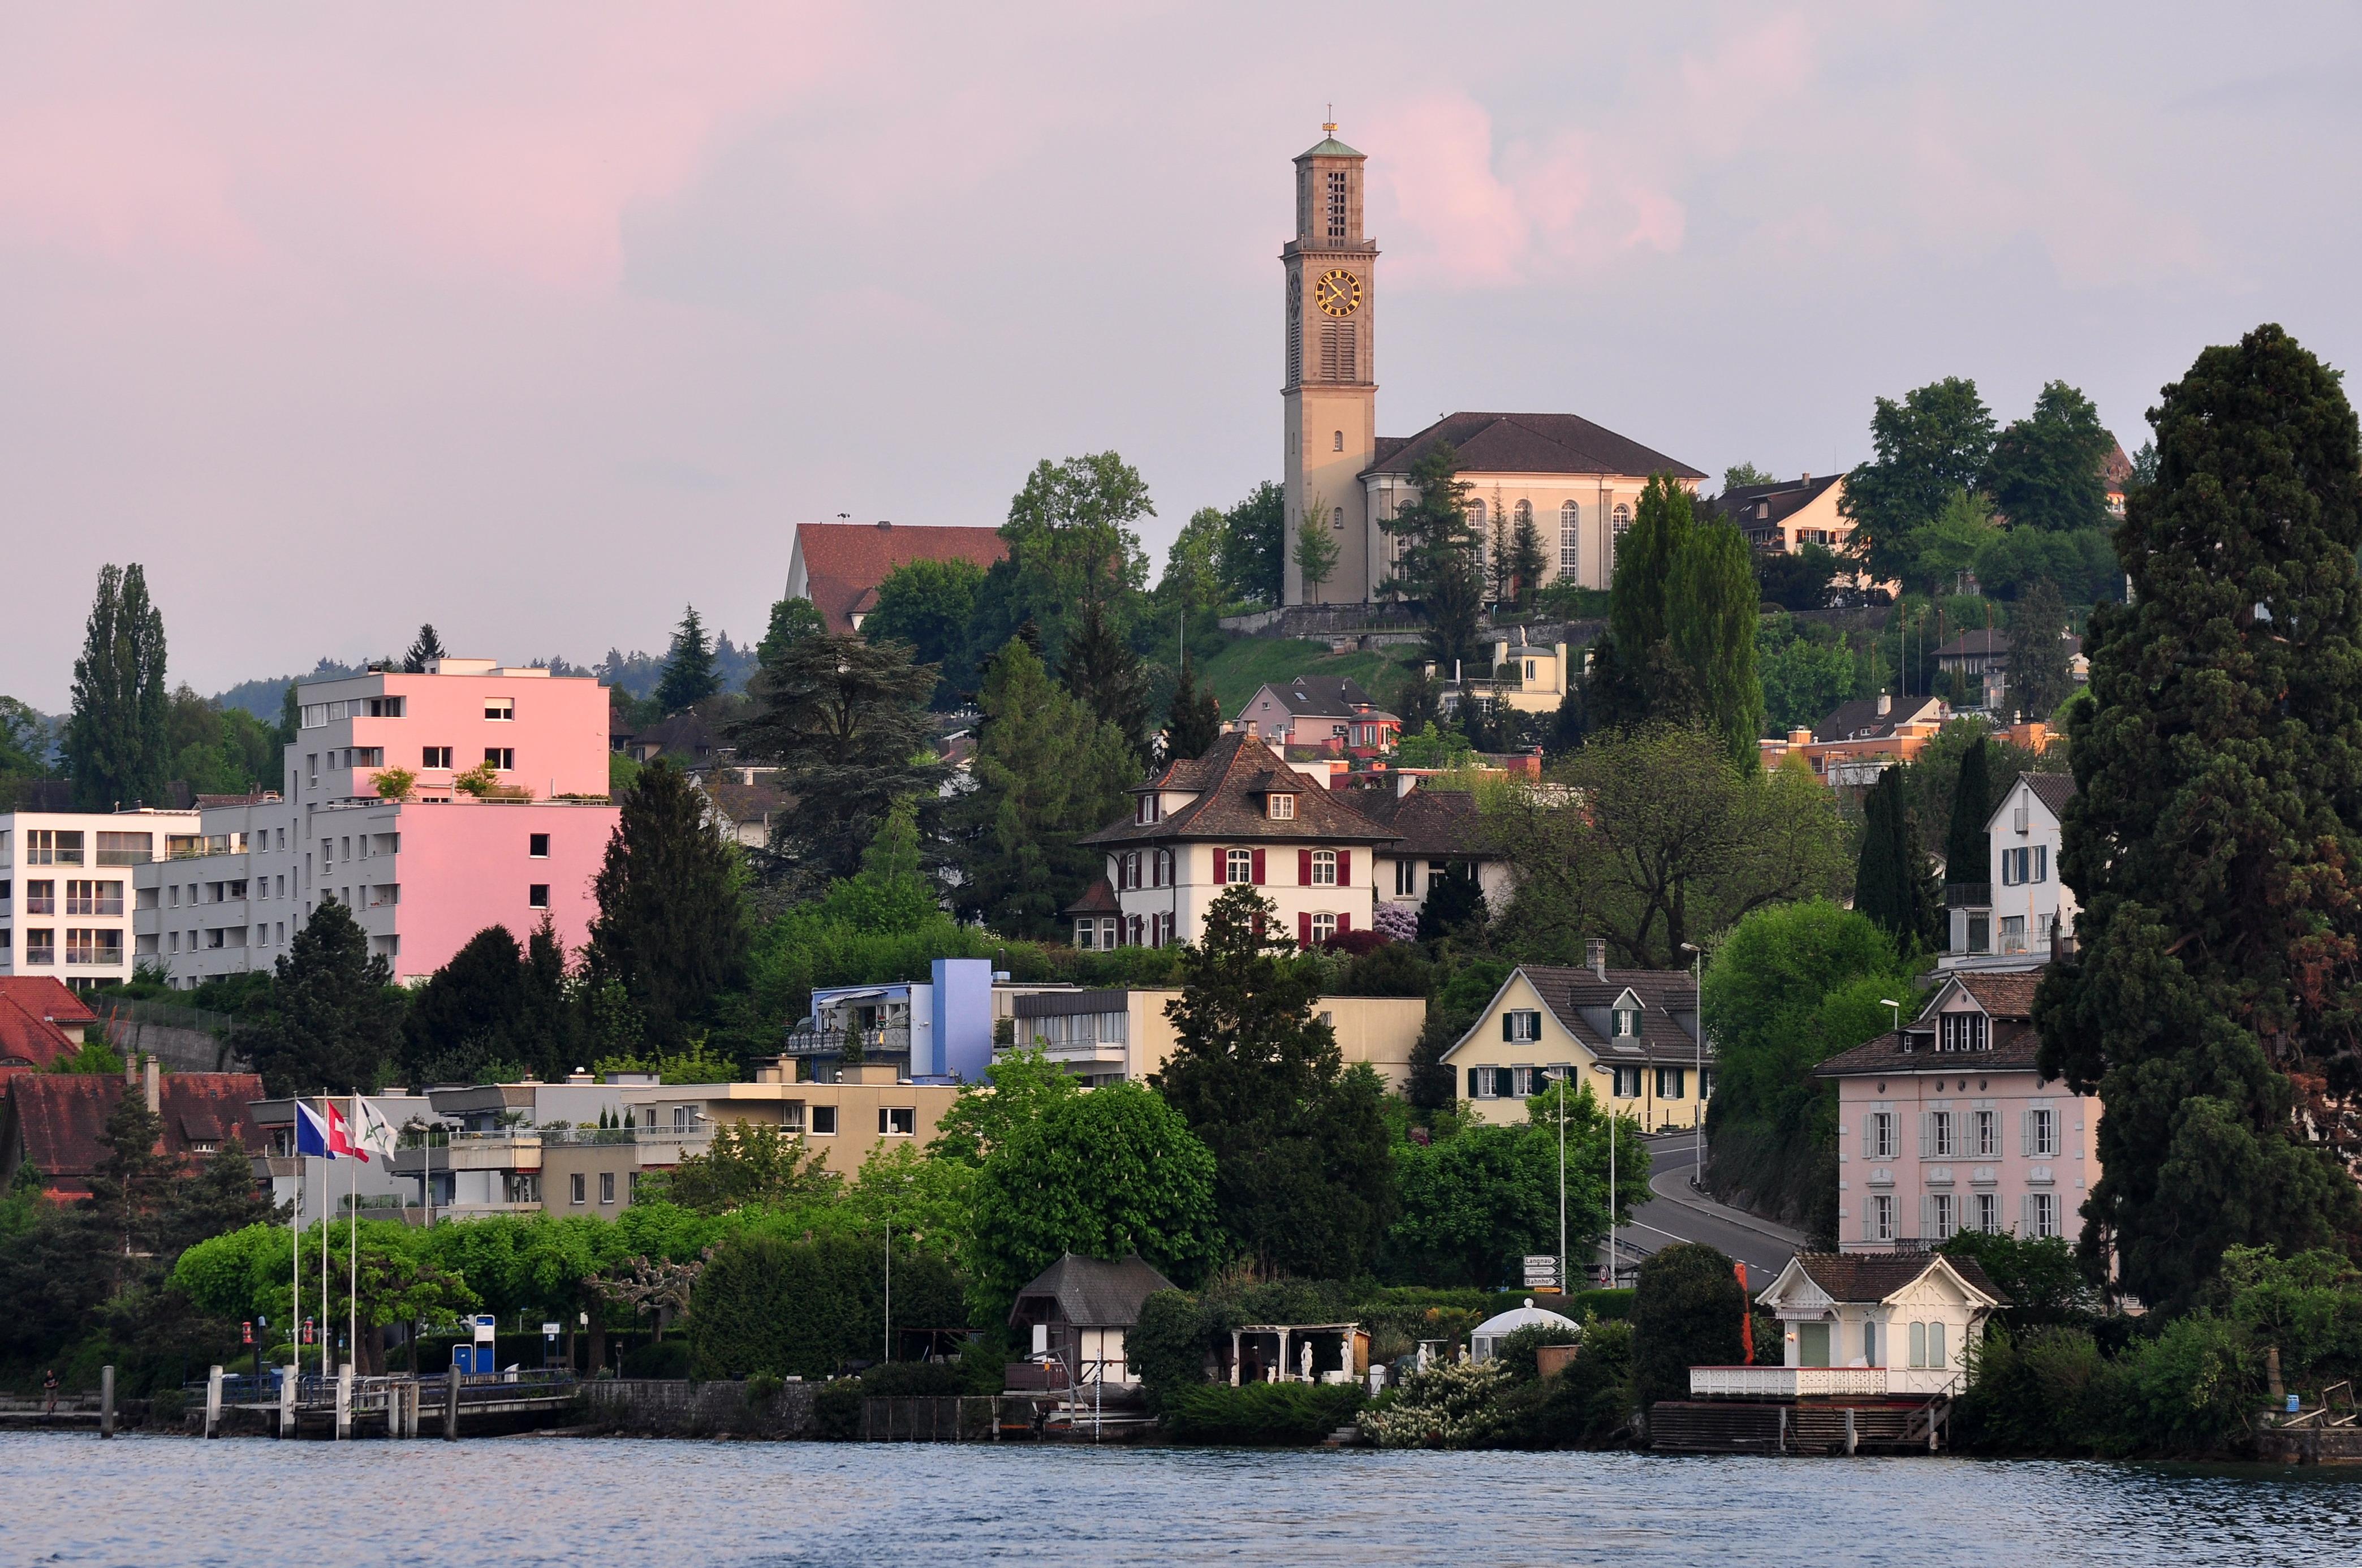 Thalwil Switzerland  city images : Description Zürichsee Thalwil Schifflände IMG 0210